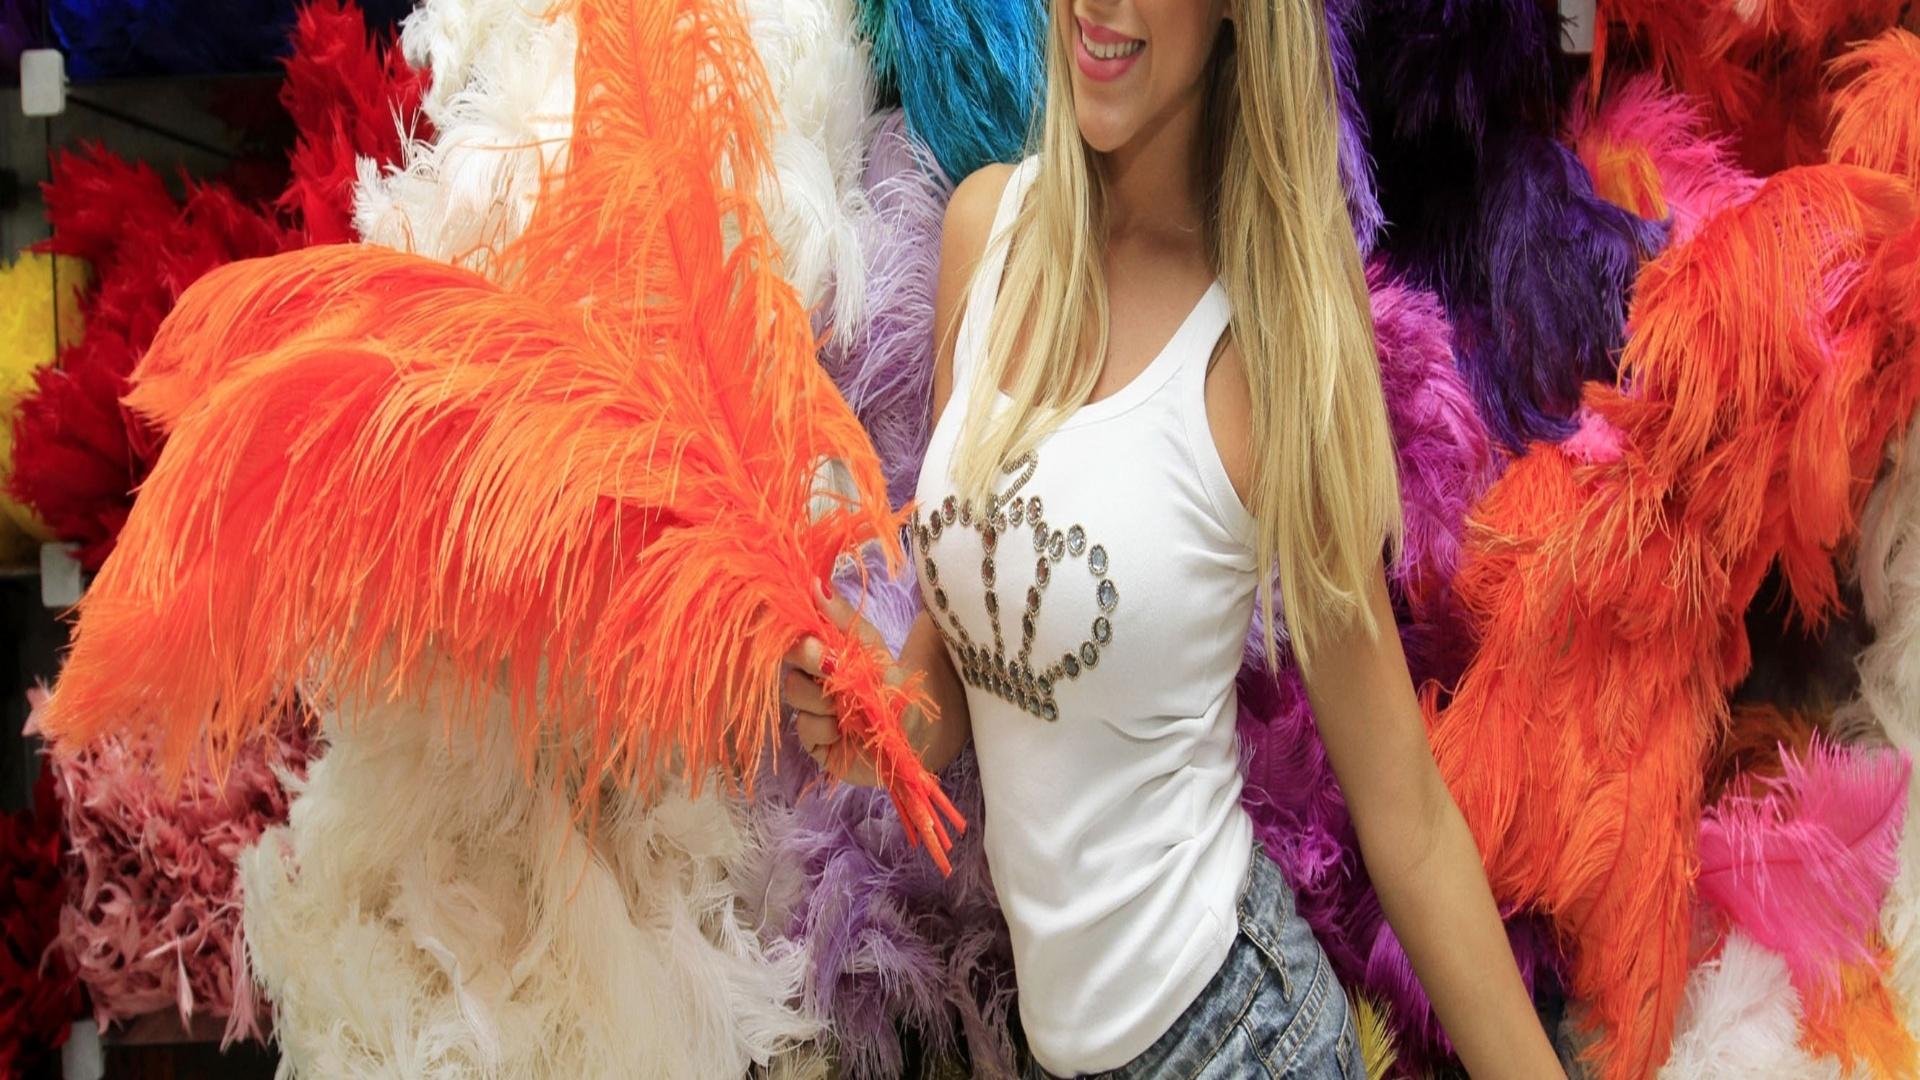 21.jan.2013 Ana Paula Minerato, musa da Gaviões da Fiel, visitou uma loja de artigos carnavalescos